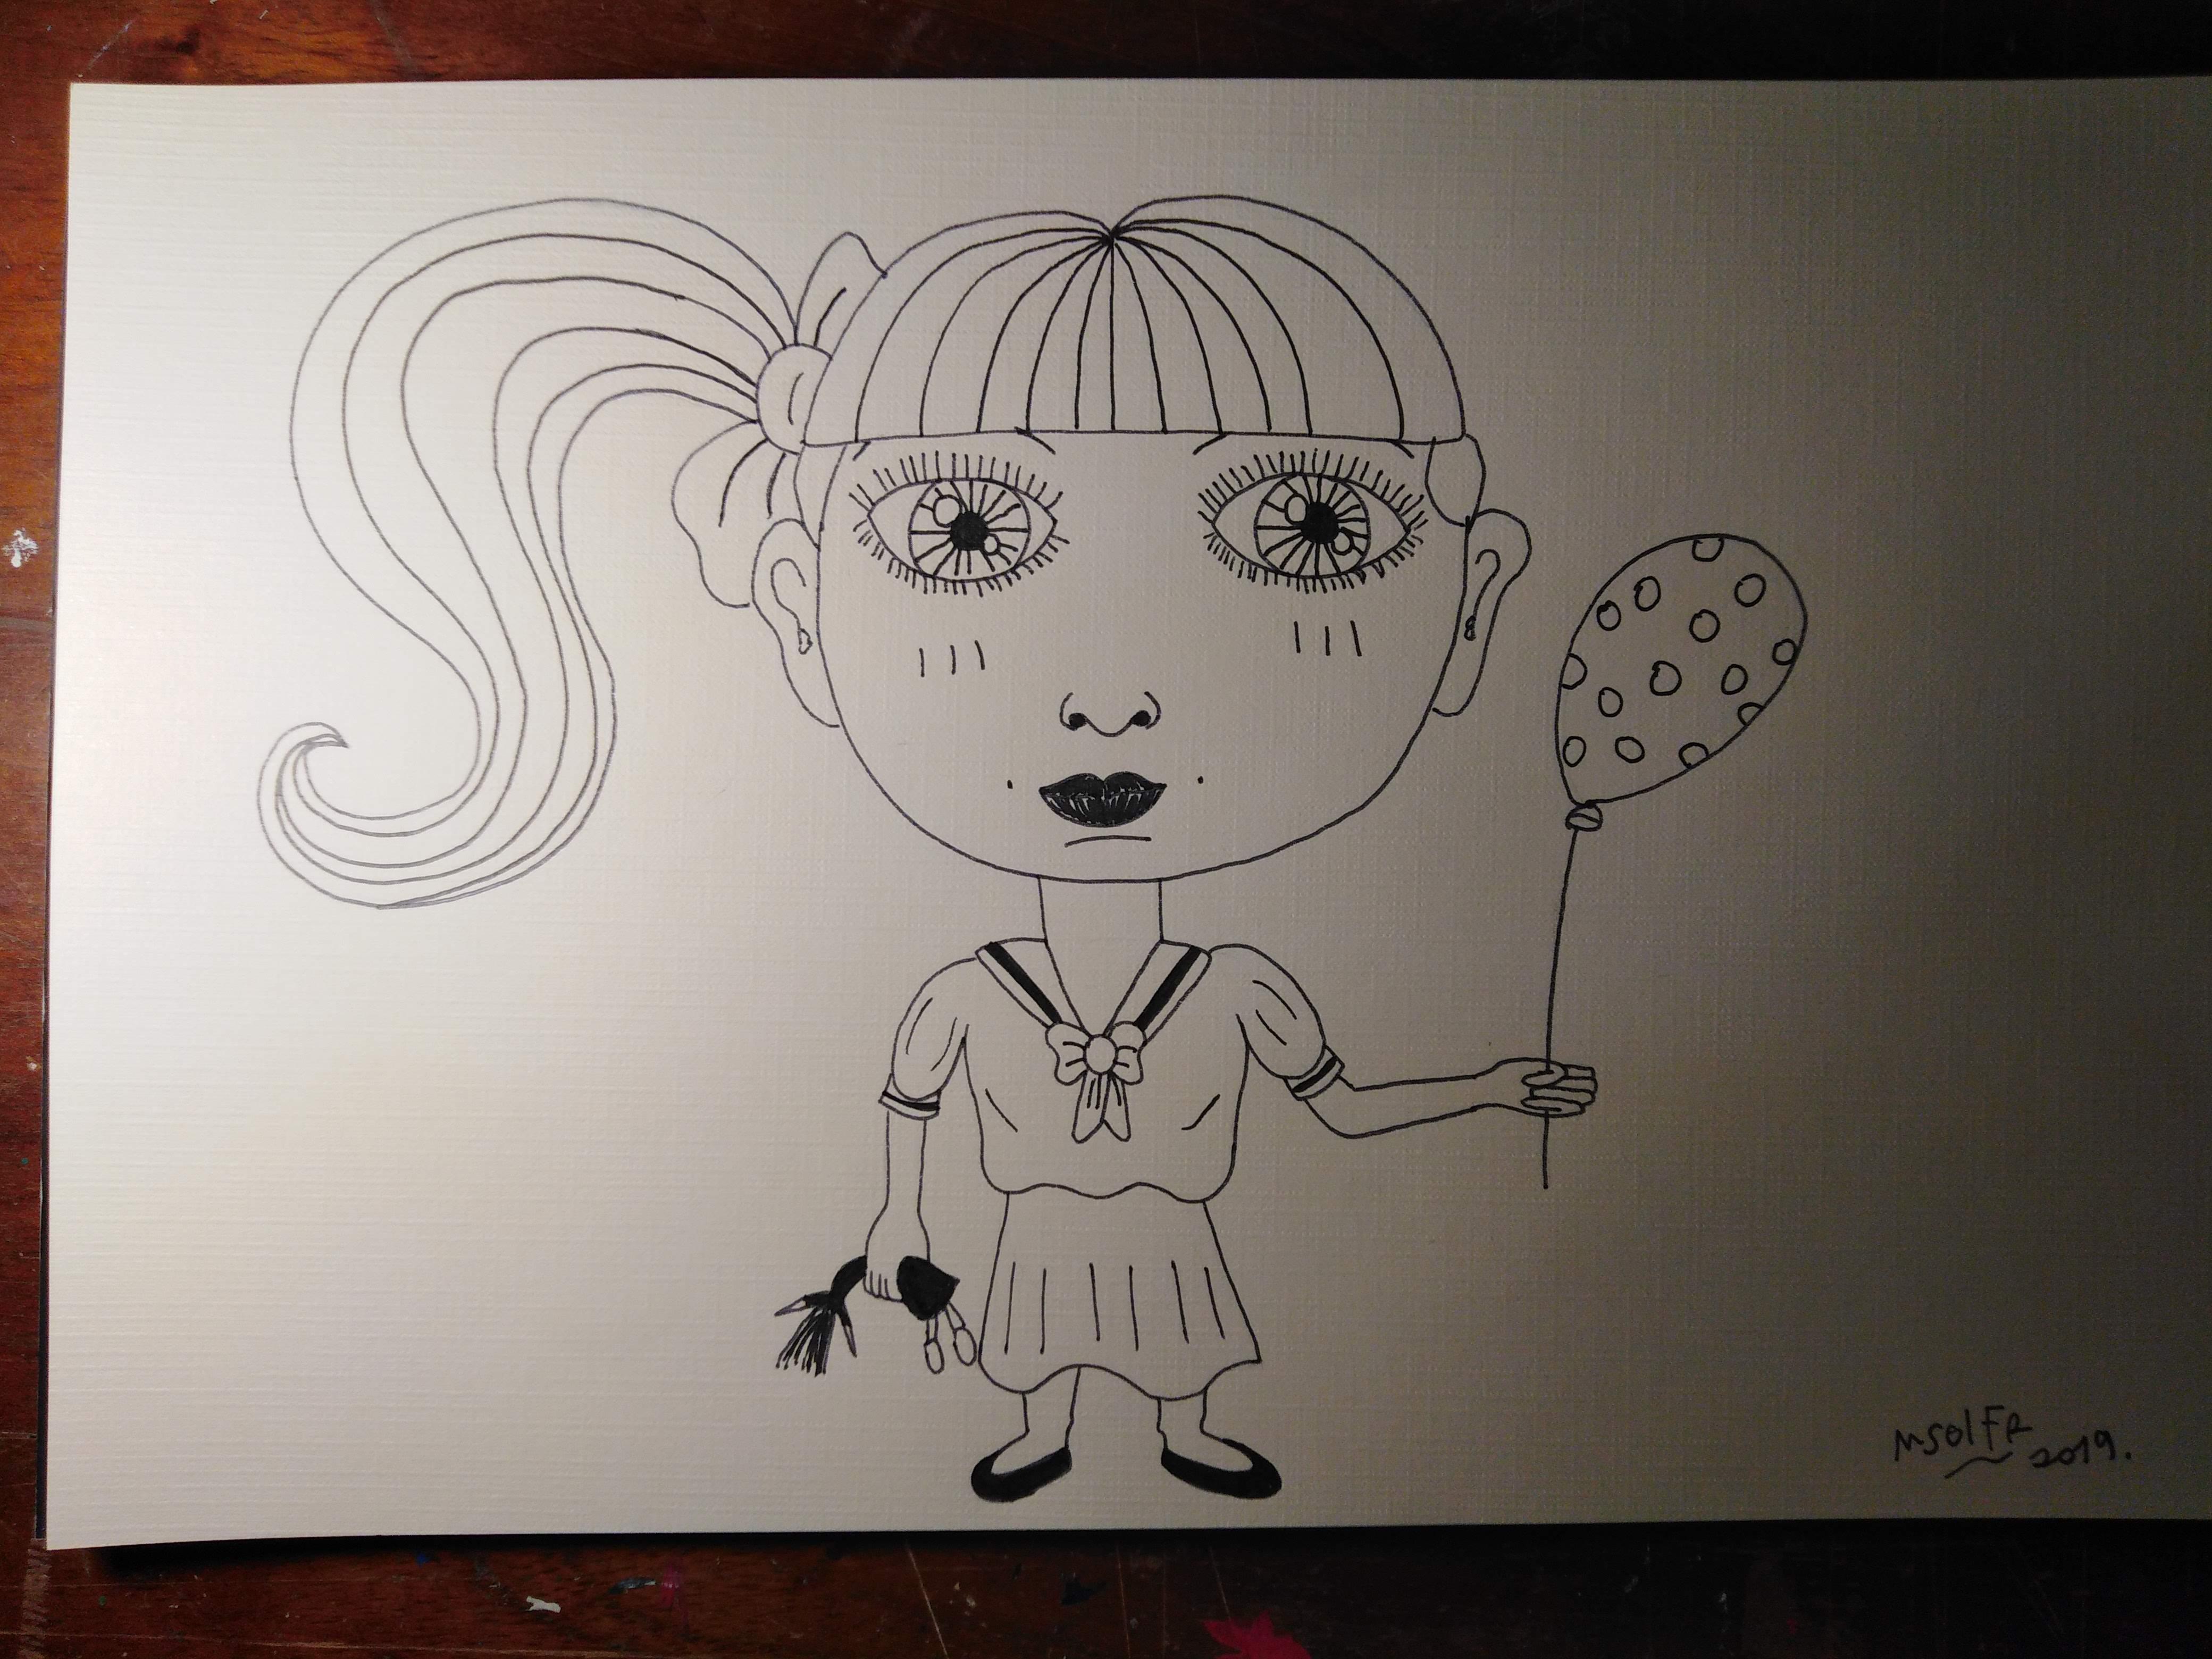 dibujando caricatura para niños